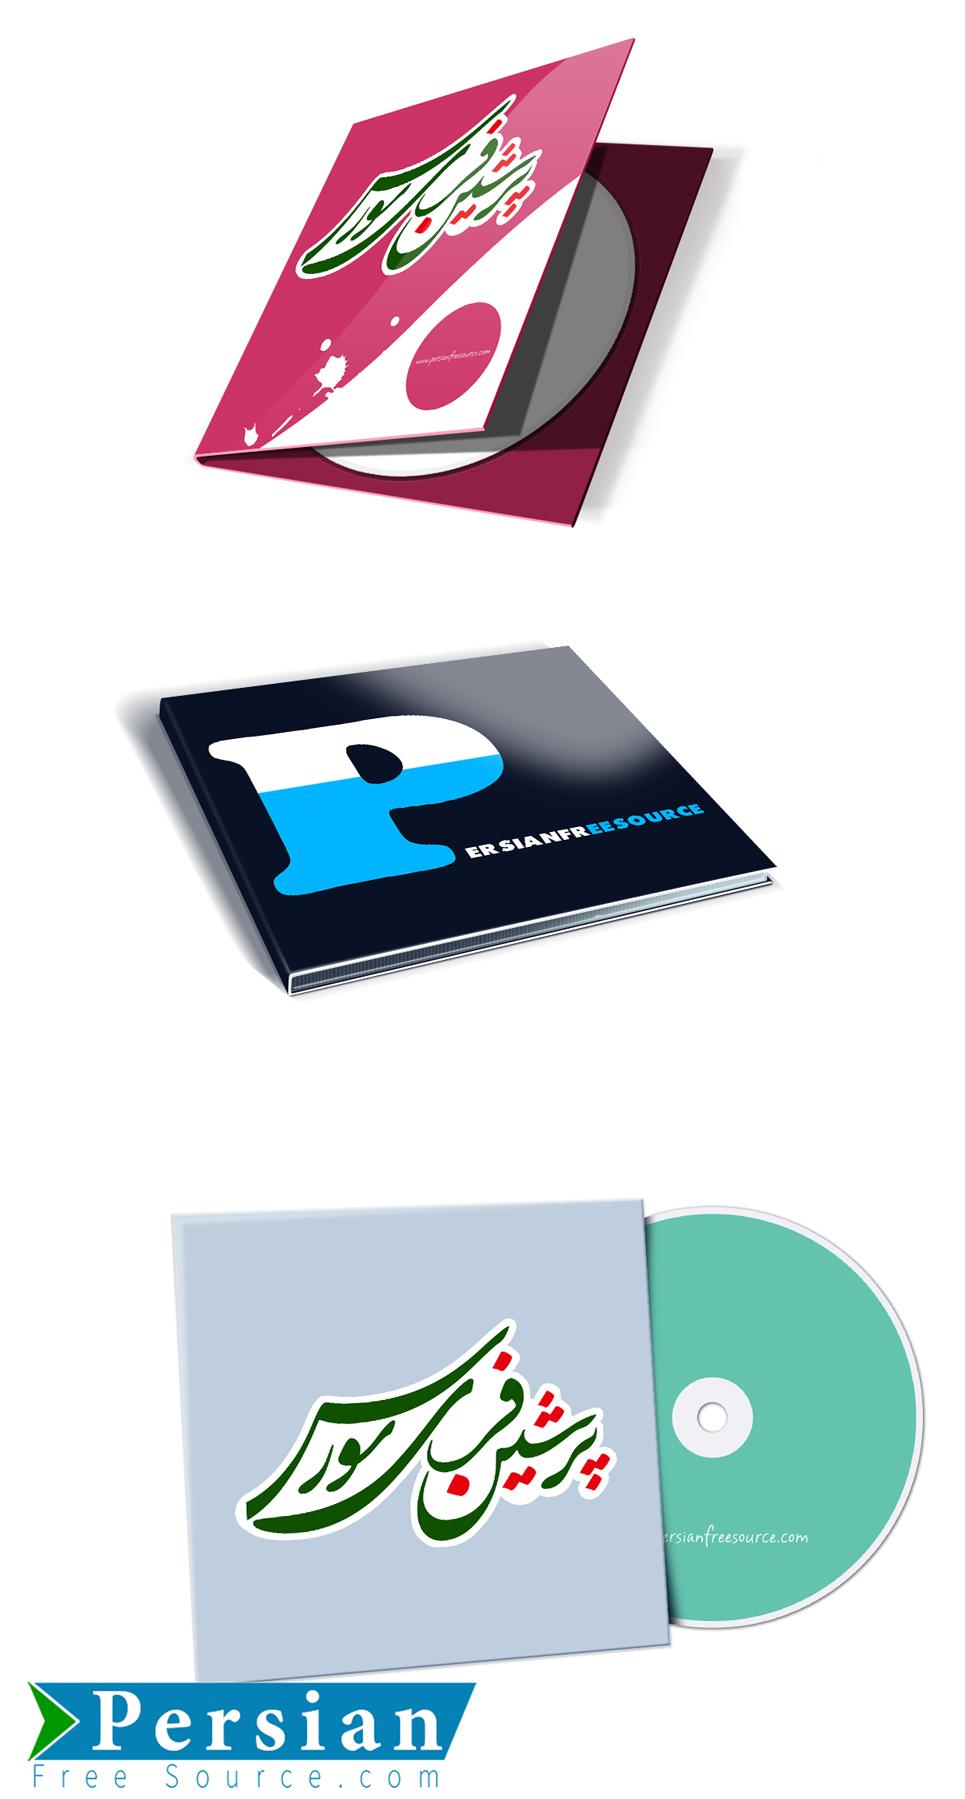 دانلود رایگان قالب لایه باز Album Cover PSD Mockup